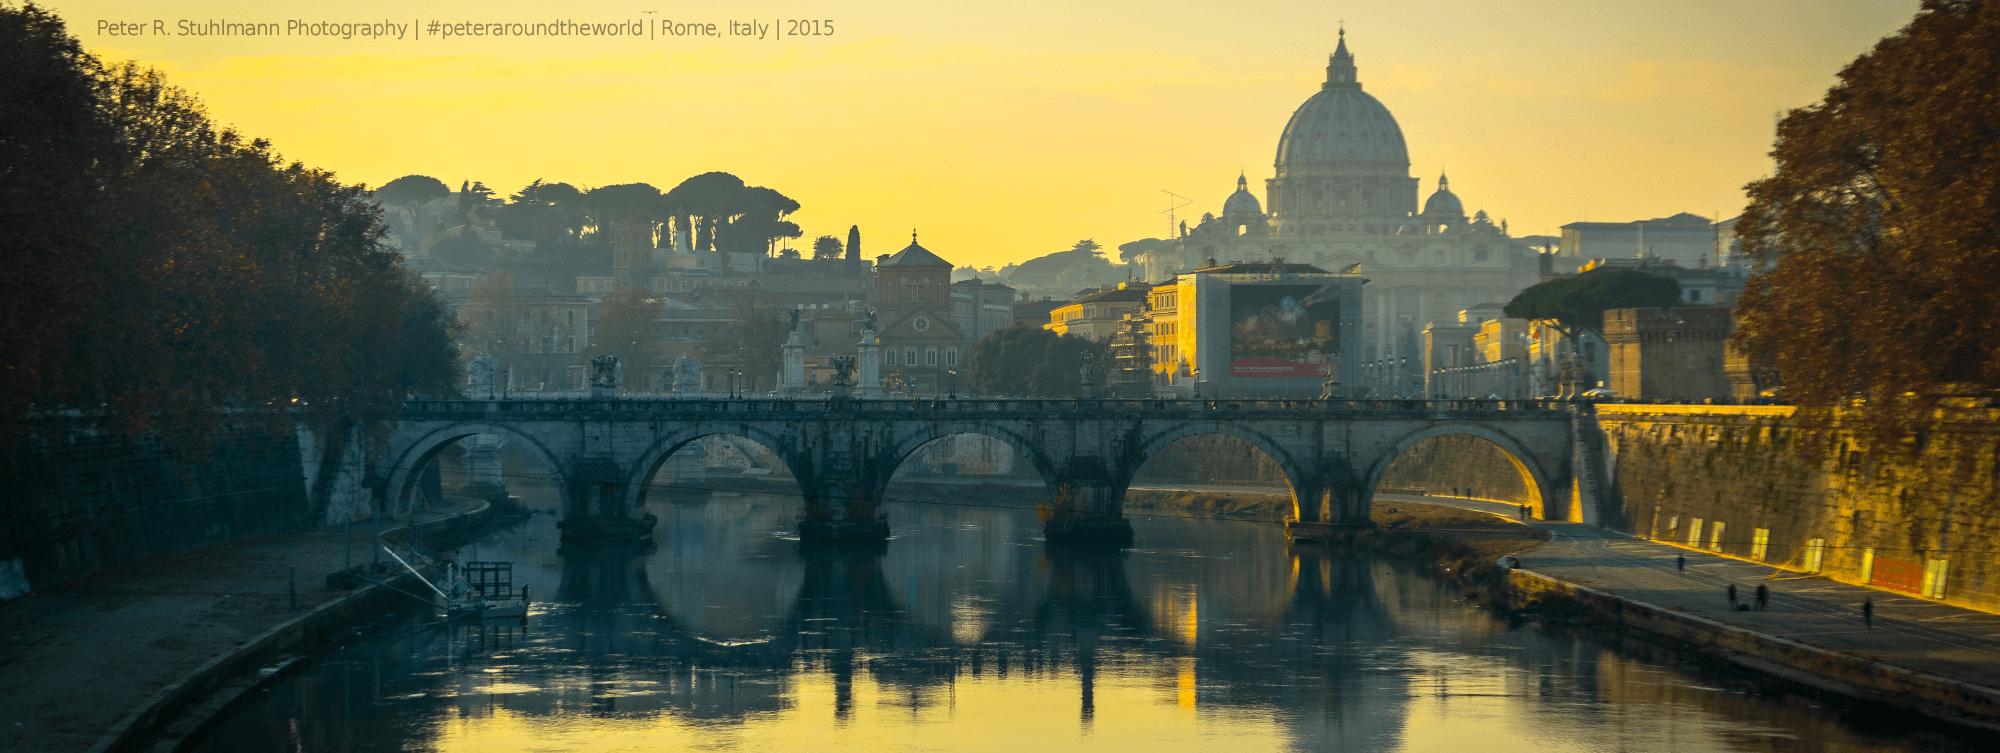 Der Petersdom im Licht der unter untergehenden Sonne, fotografiert von der Ponte Umberto I